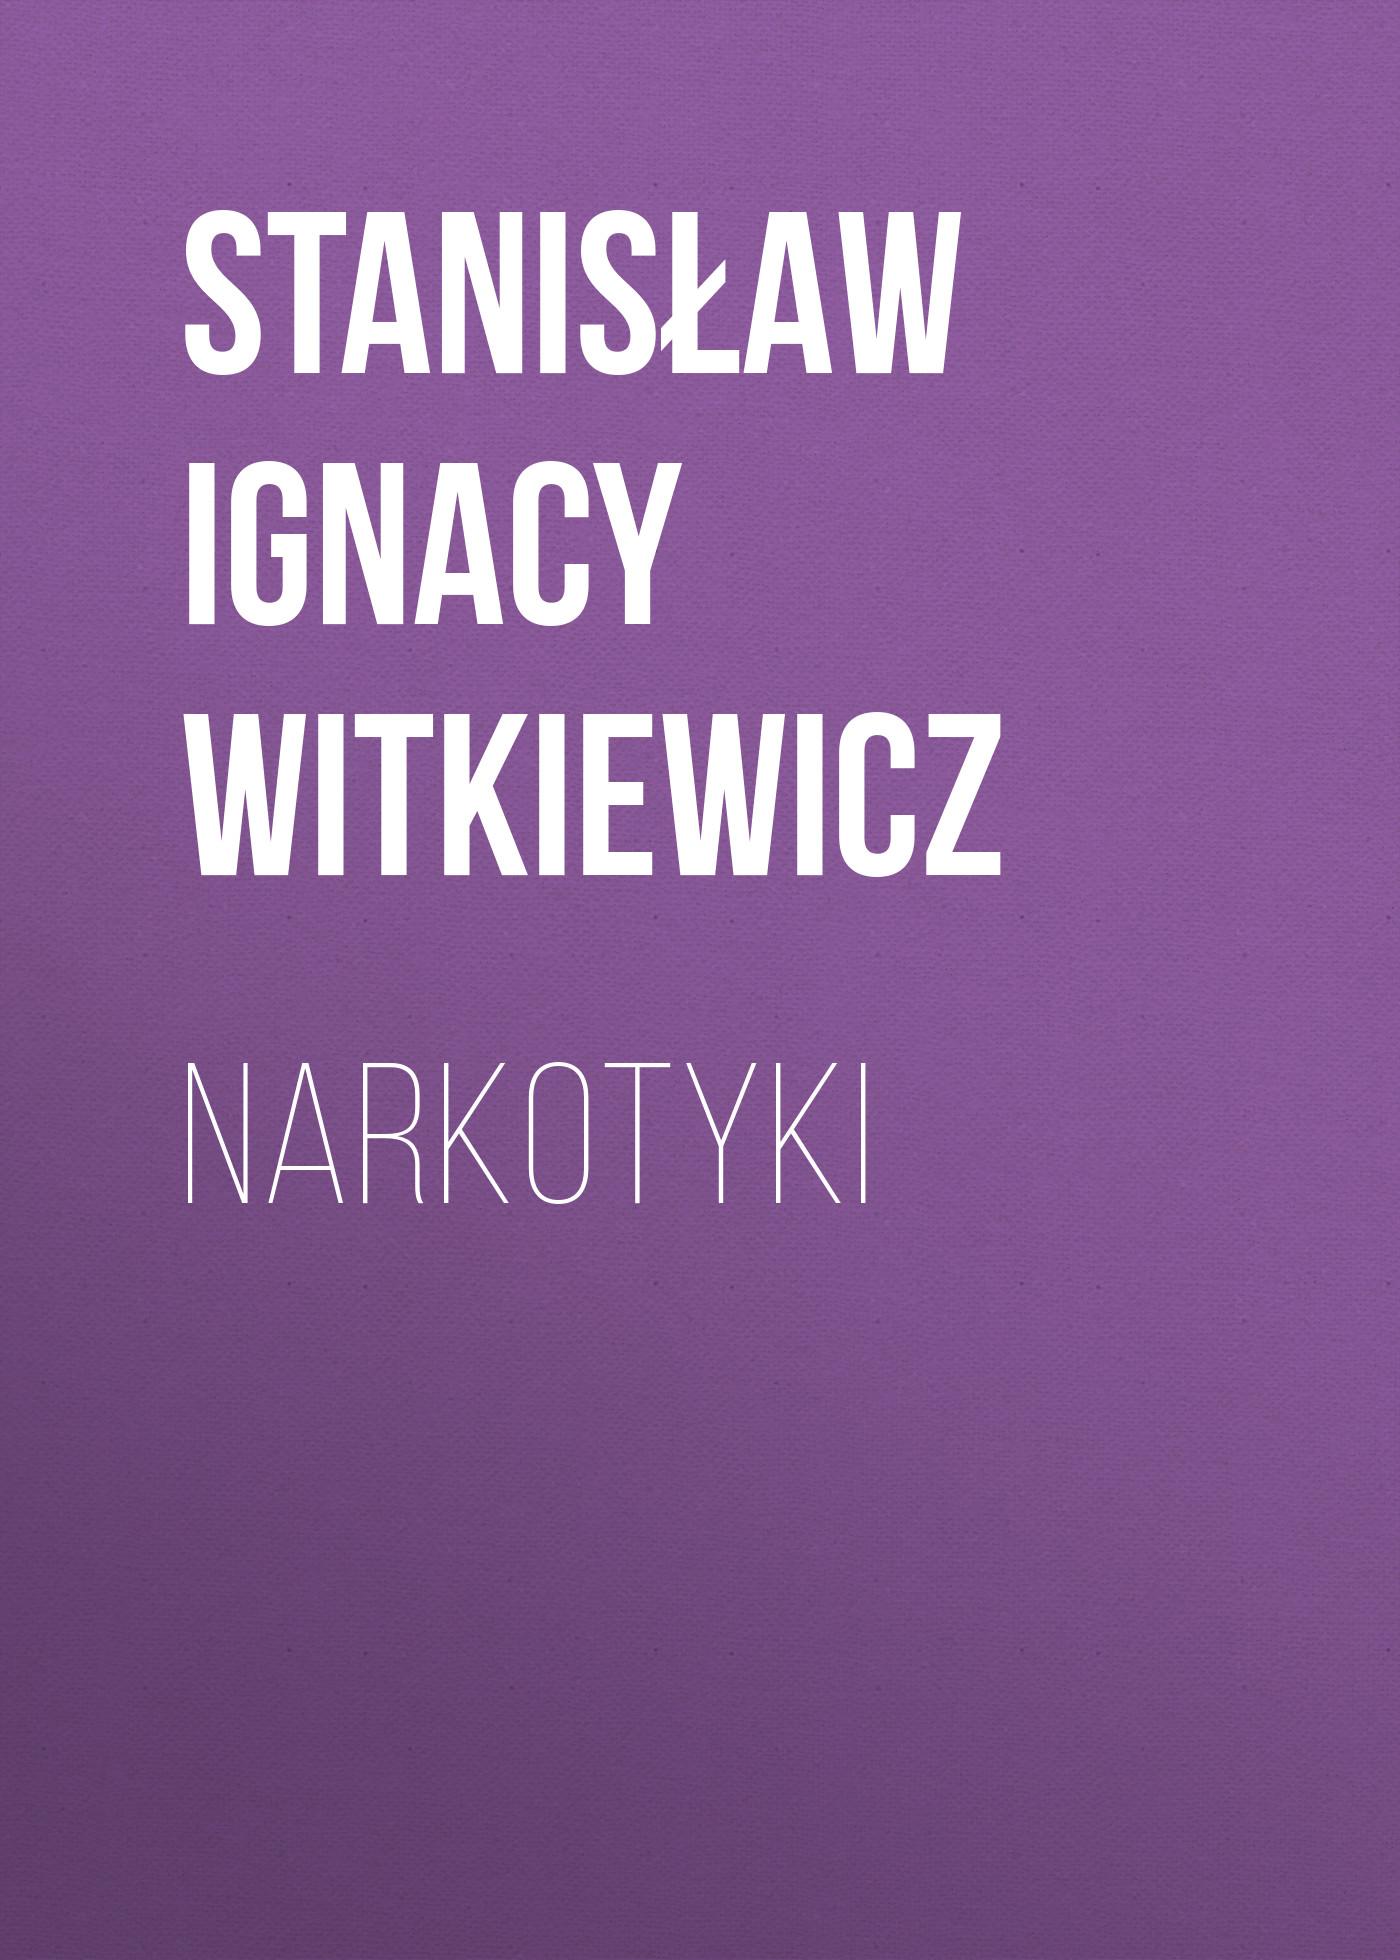 Stanisław Ignacy Witkiewicz Narkotyki ewa waliczek handel i jego rozkwit po roku 1989